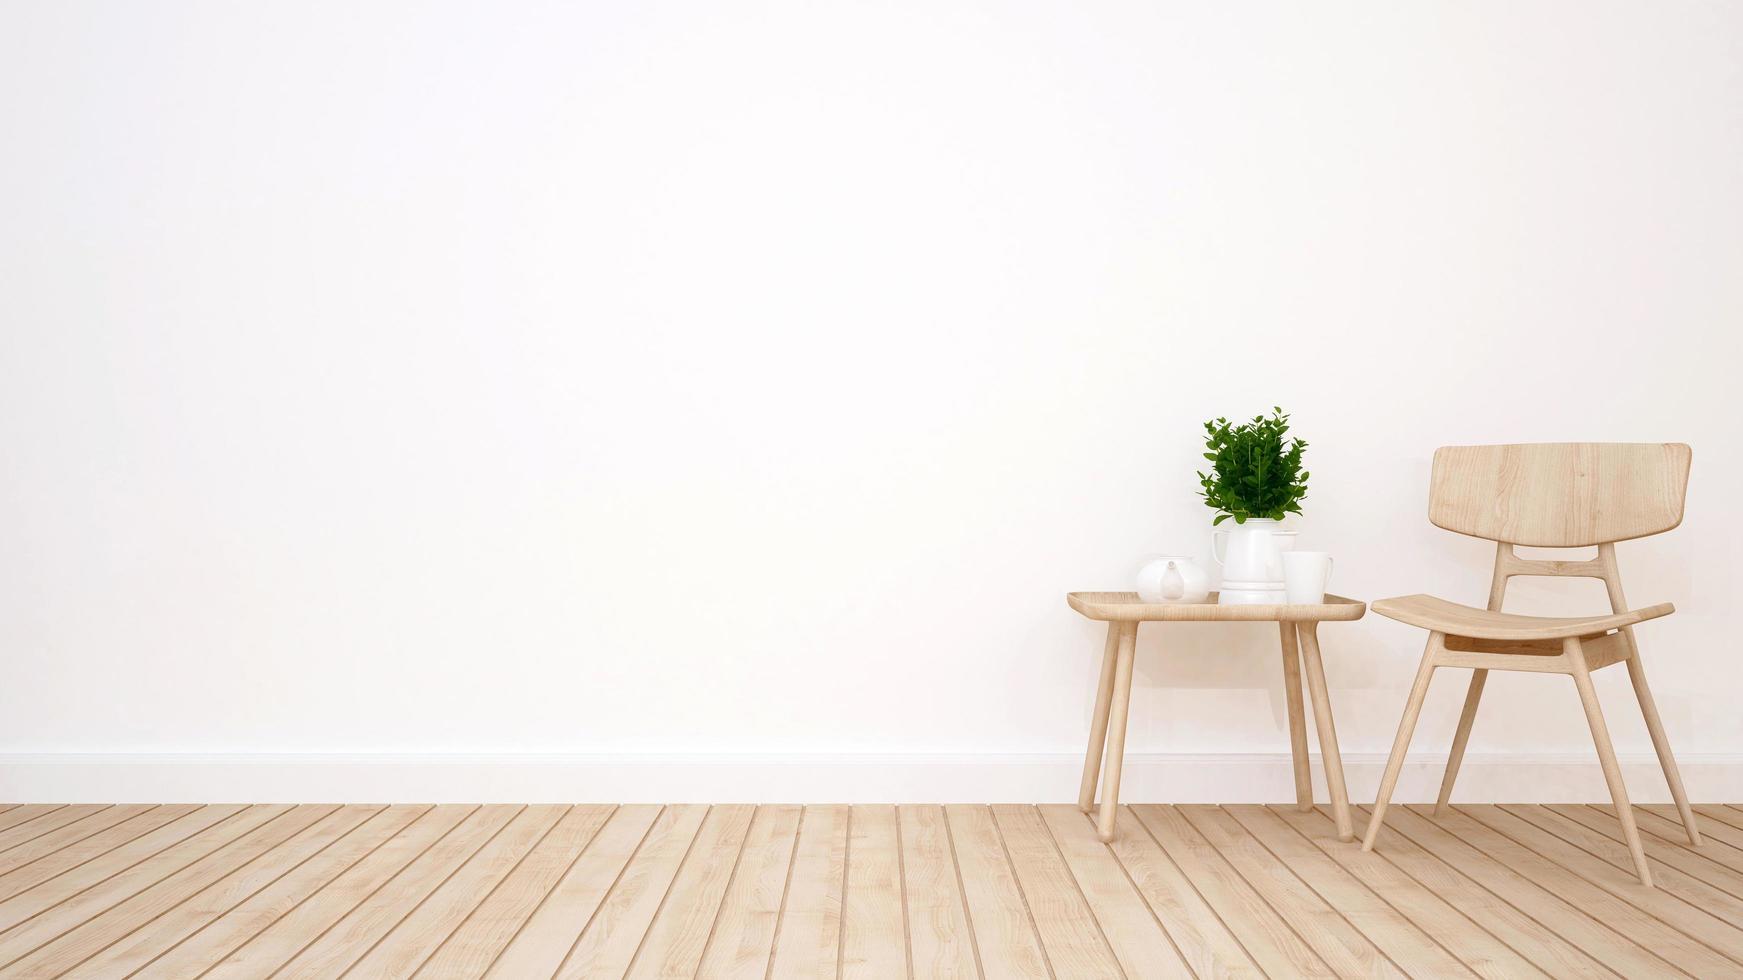 Wohnzimmer im Café oder Apartment foto